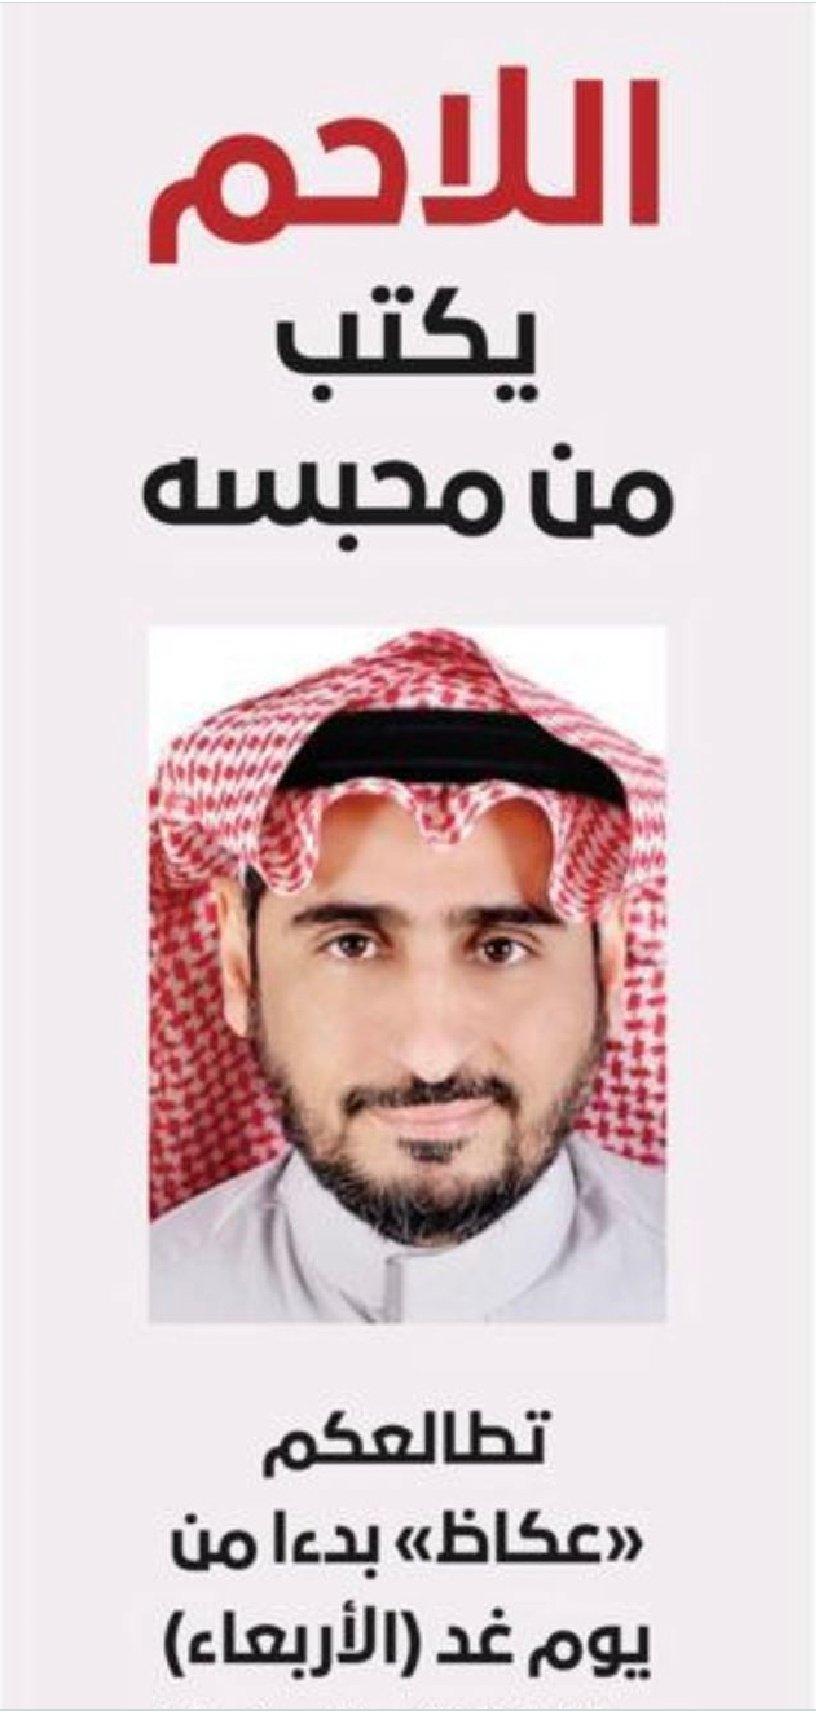 رد: حكم بالإعتذار والسجن وإغلاق حساب عبد الرحمن اللاحم